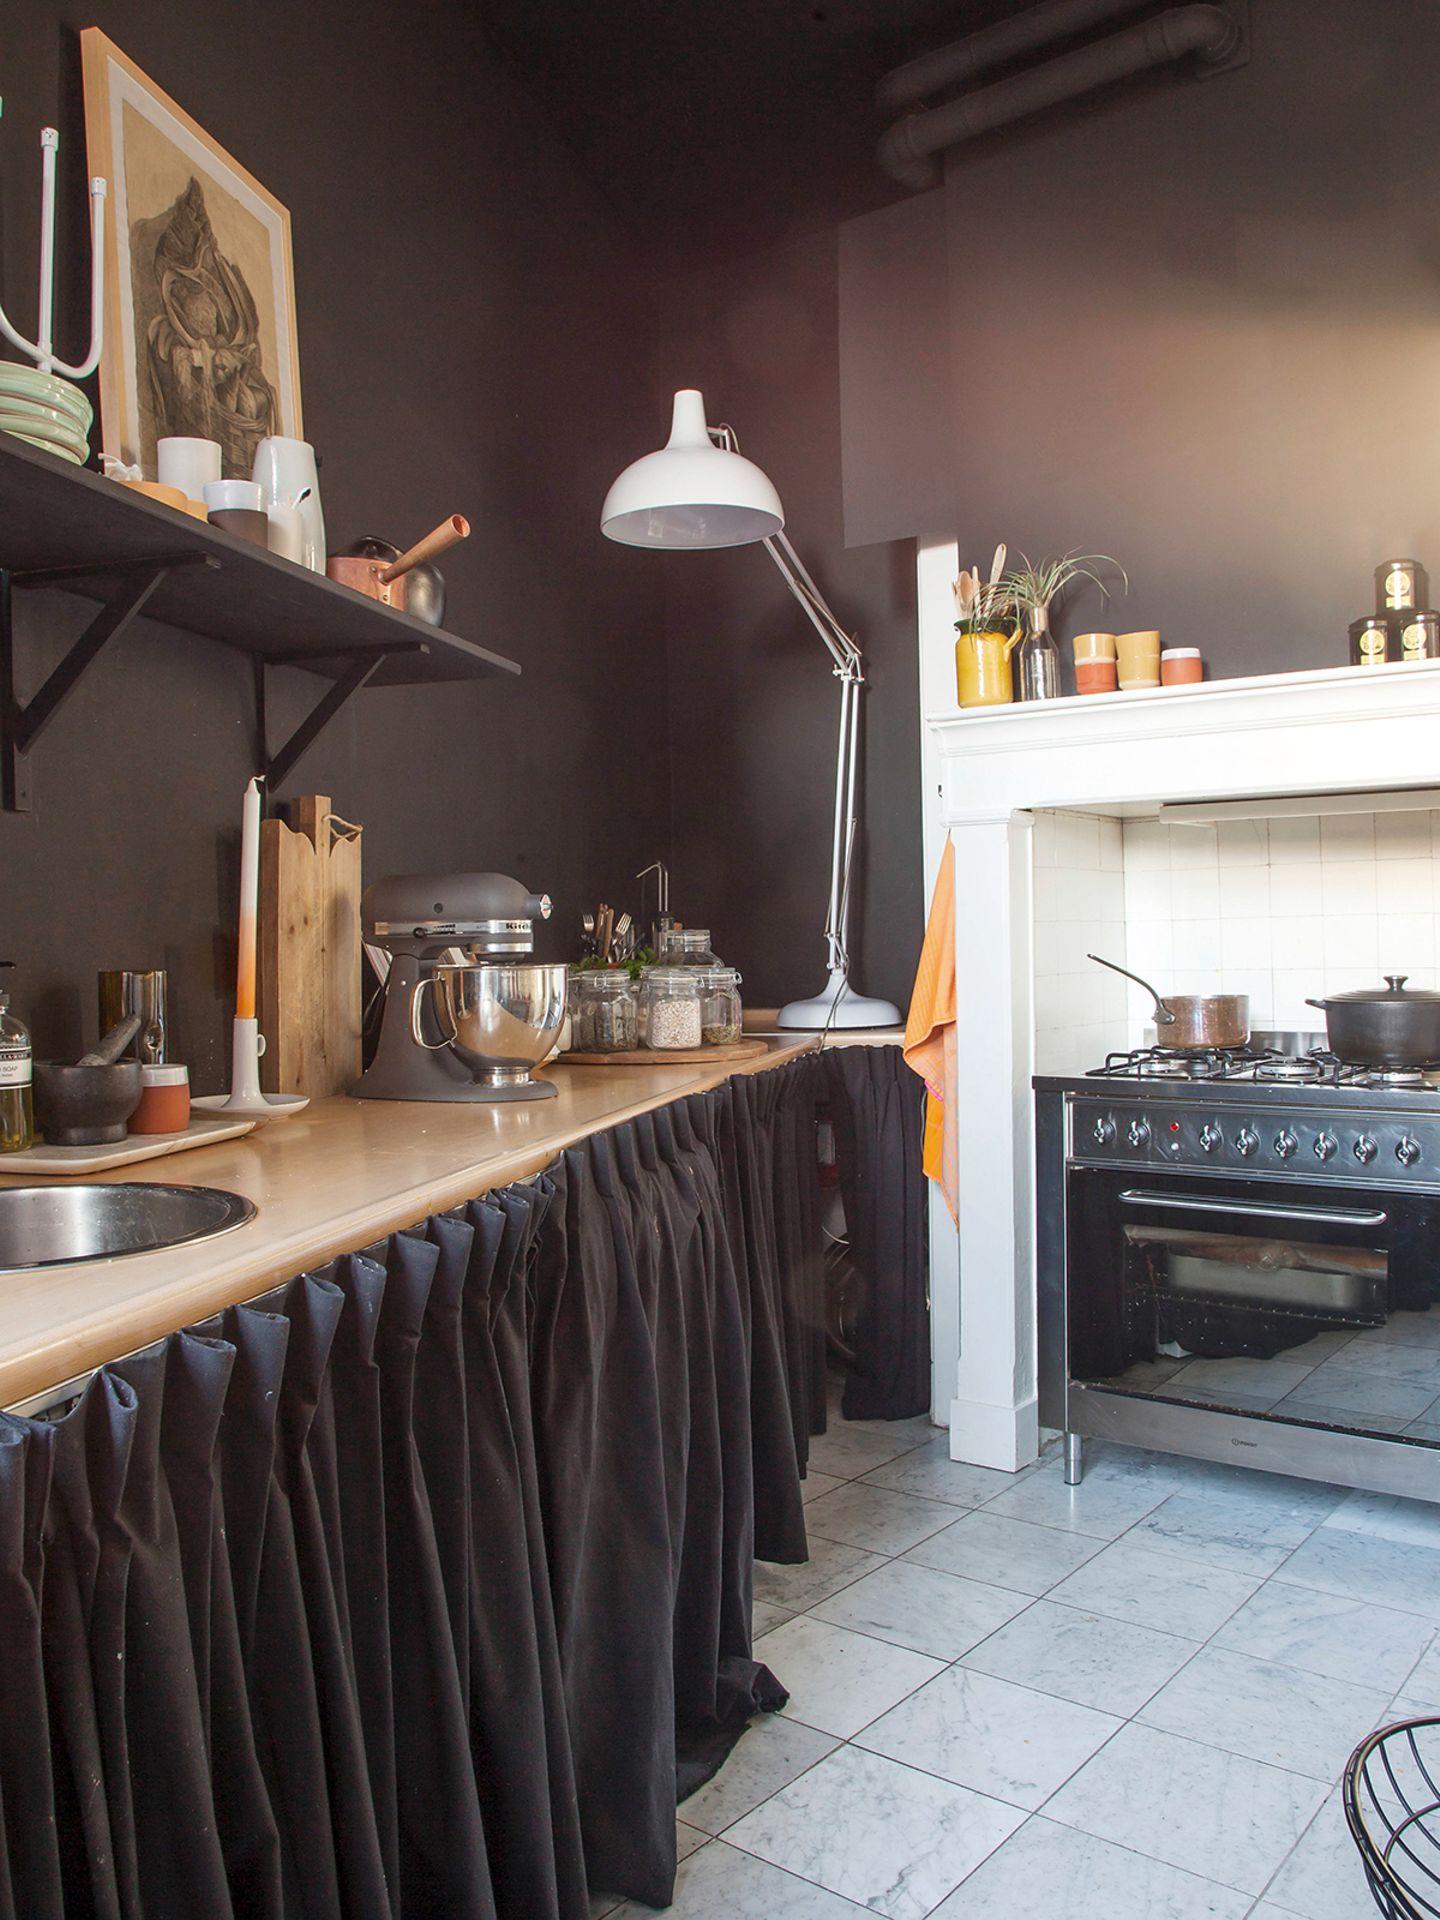 Küche ist in dunklen Tönen gehalten